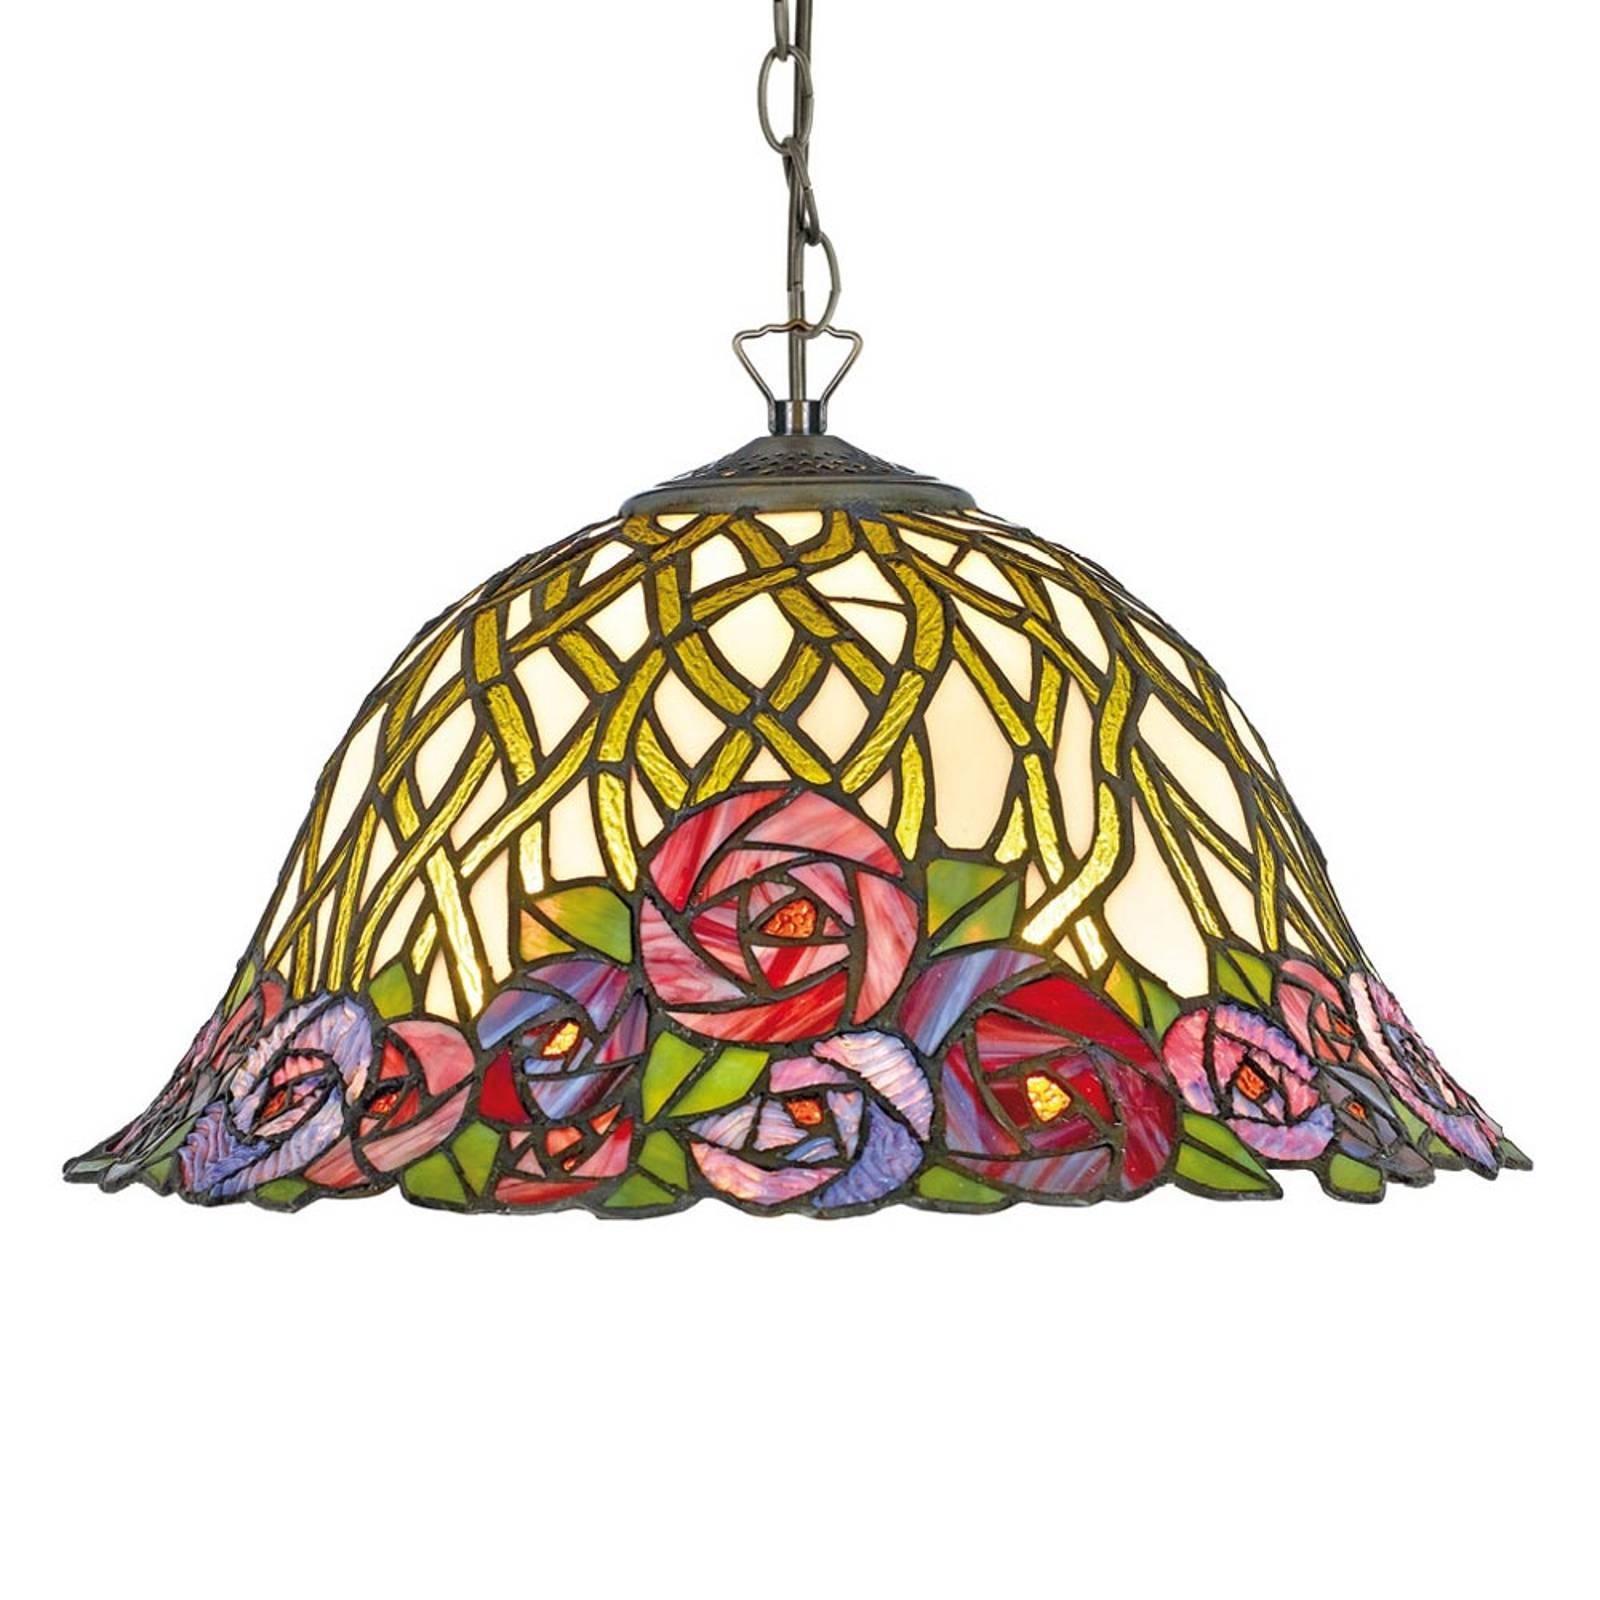 Lampa wisząca Melika w stylu Tiffany, 1-punktowa